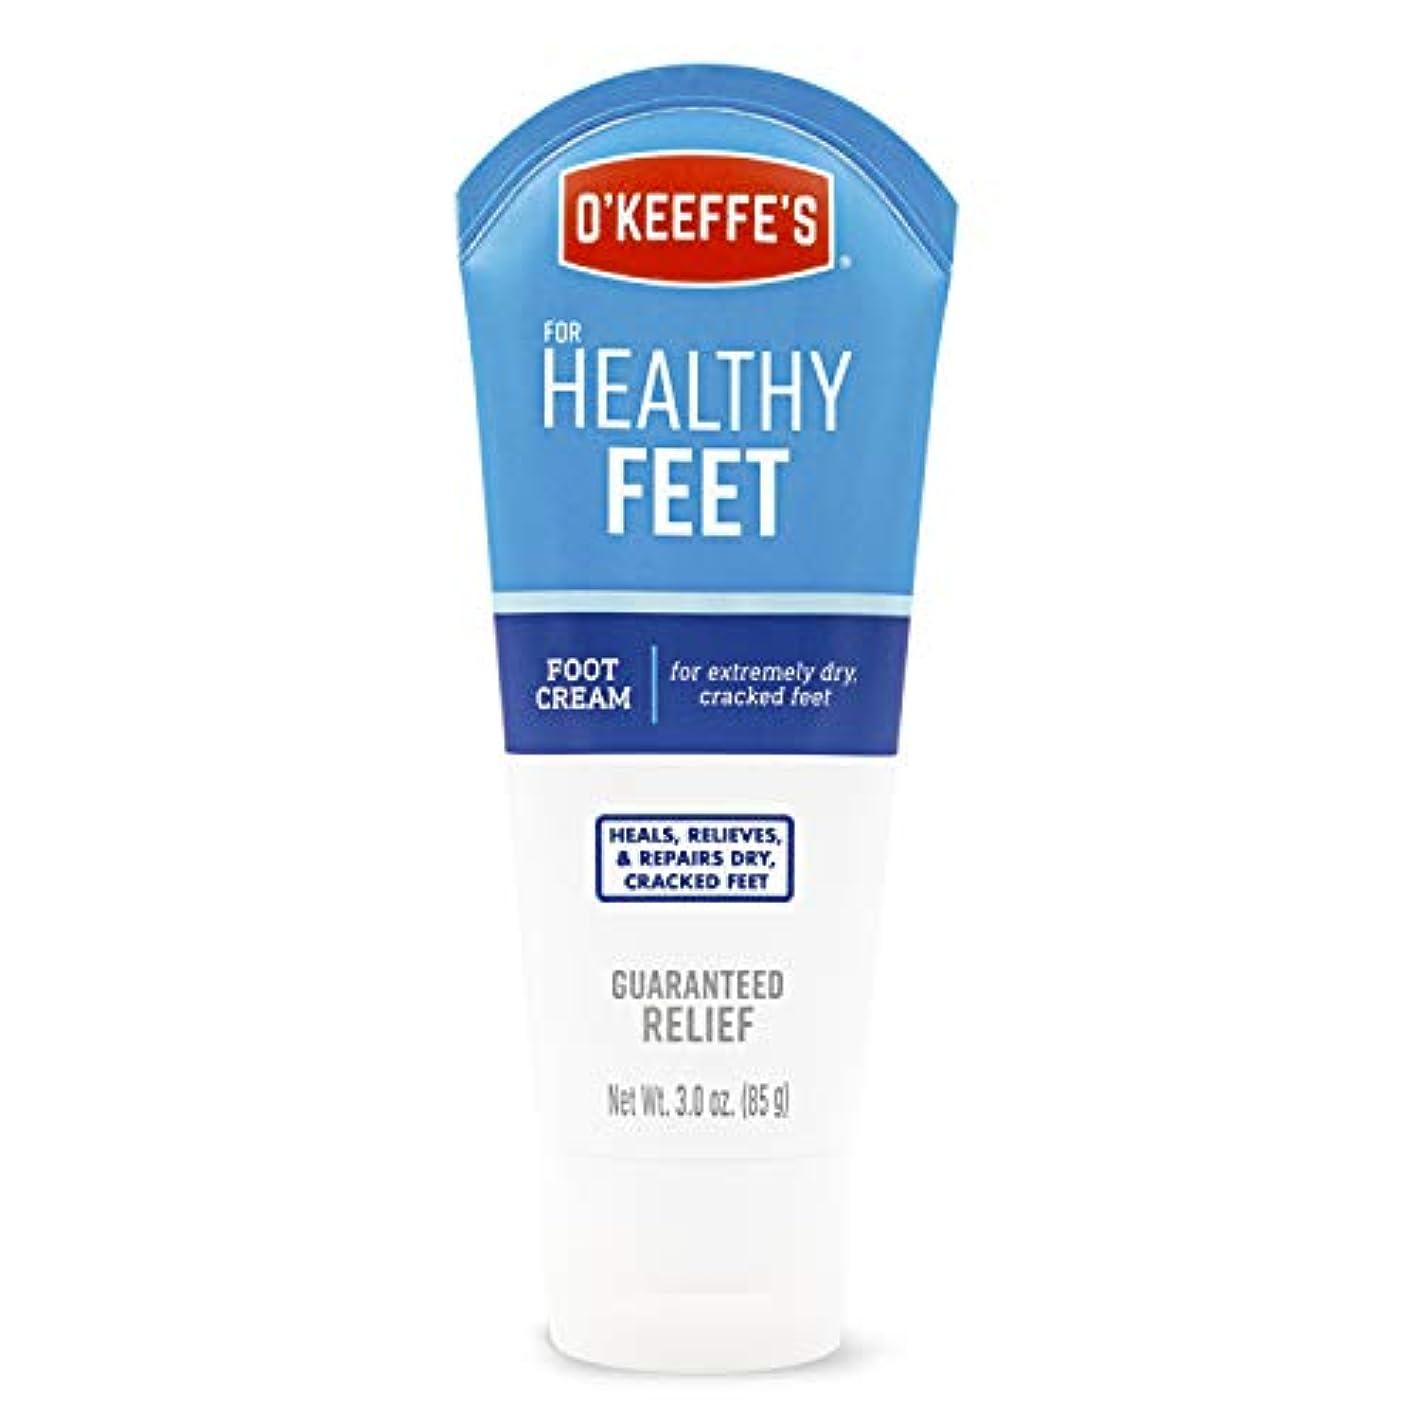 憂慮すべき経由で余分なオキーフス ワーキングフィートクリーム チューブ  85g 1点 (並行輸入品) O'Keeffe's Working Feet Tube Cream 3oz